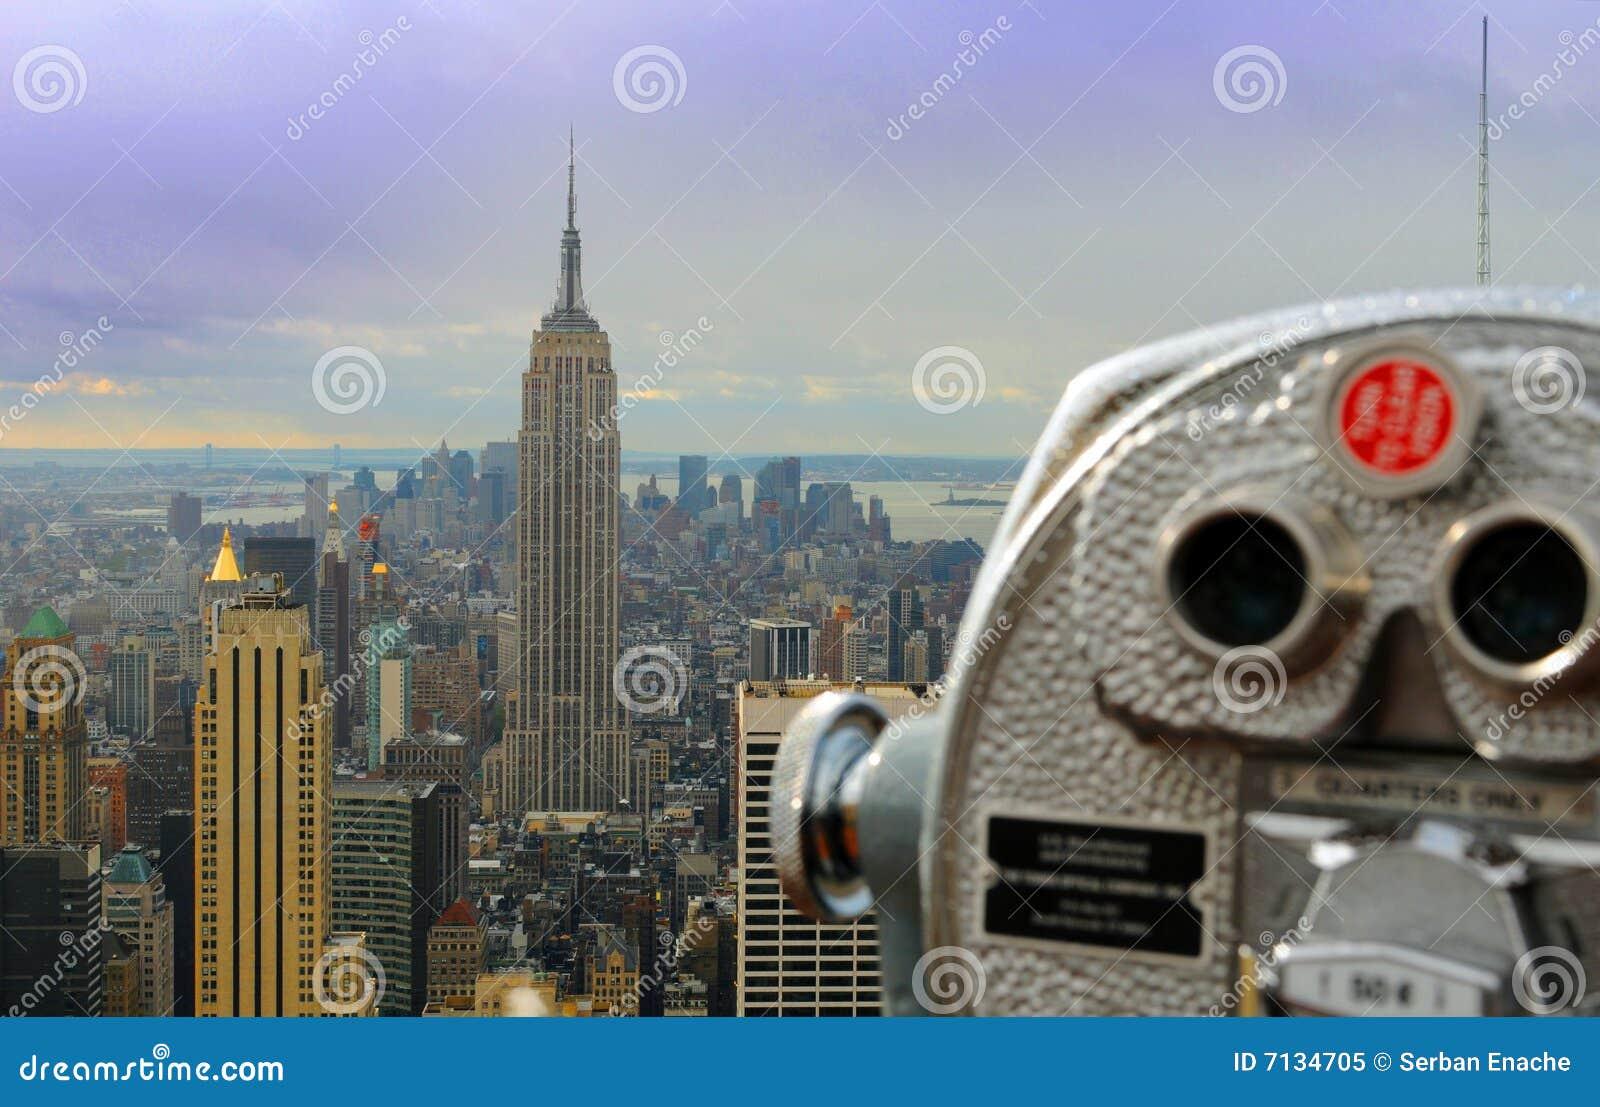 Prismáticos turísticos en Nueva York